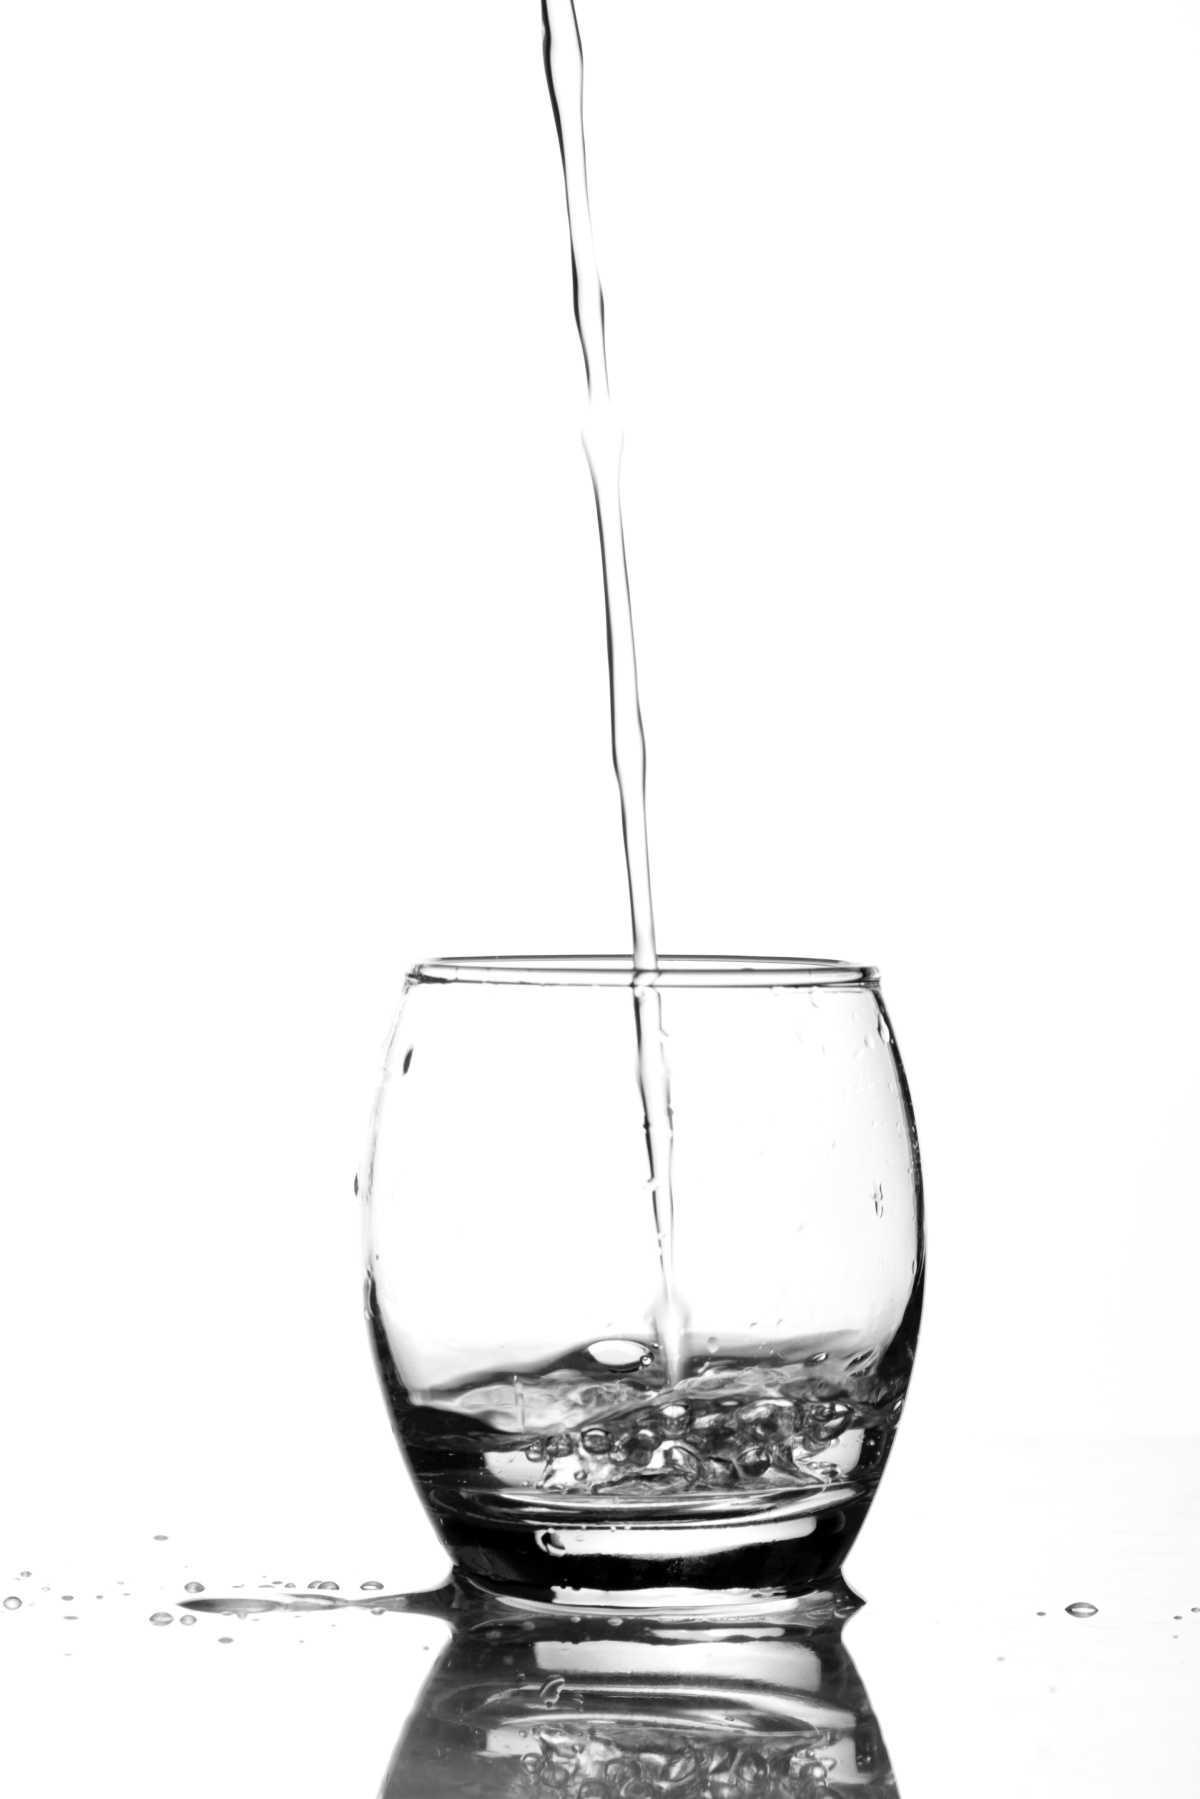 Der Zyklus des Wassers